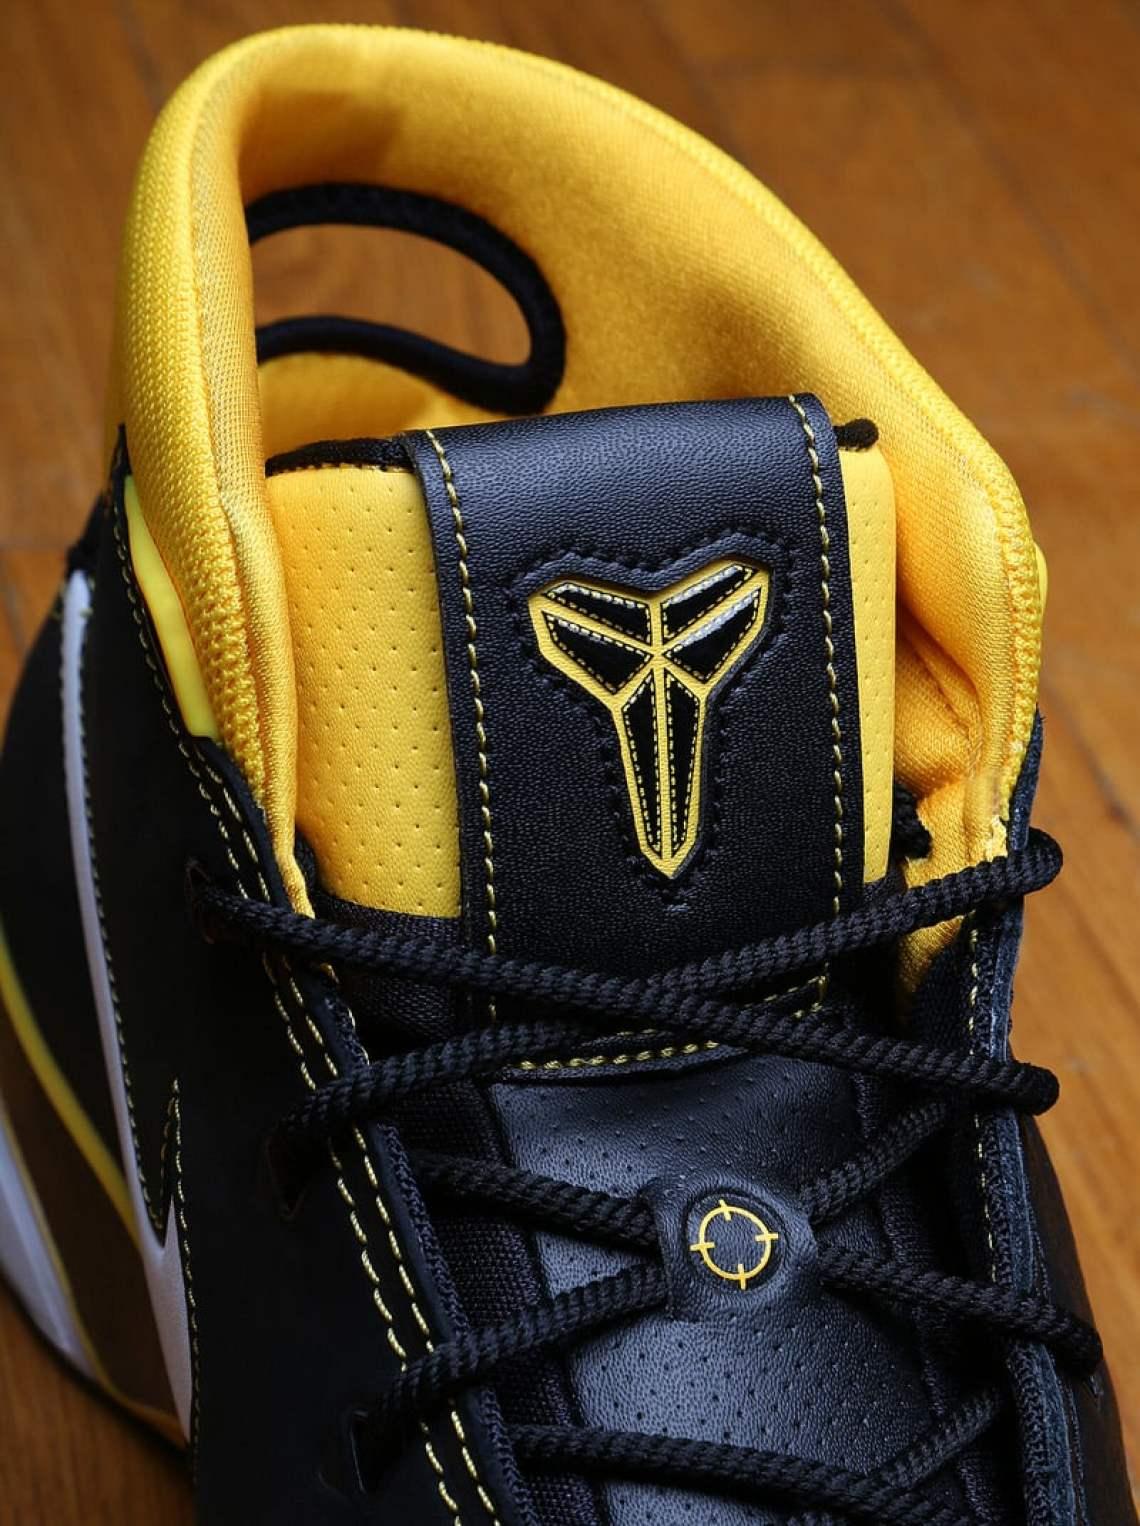 e648cc143bc Nike Modernizes Retro Kobe Series With Kobe 1 Protro    Exclusive ...